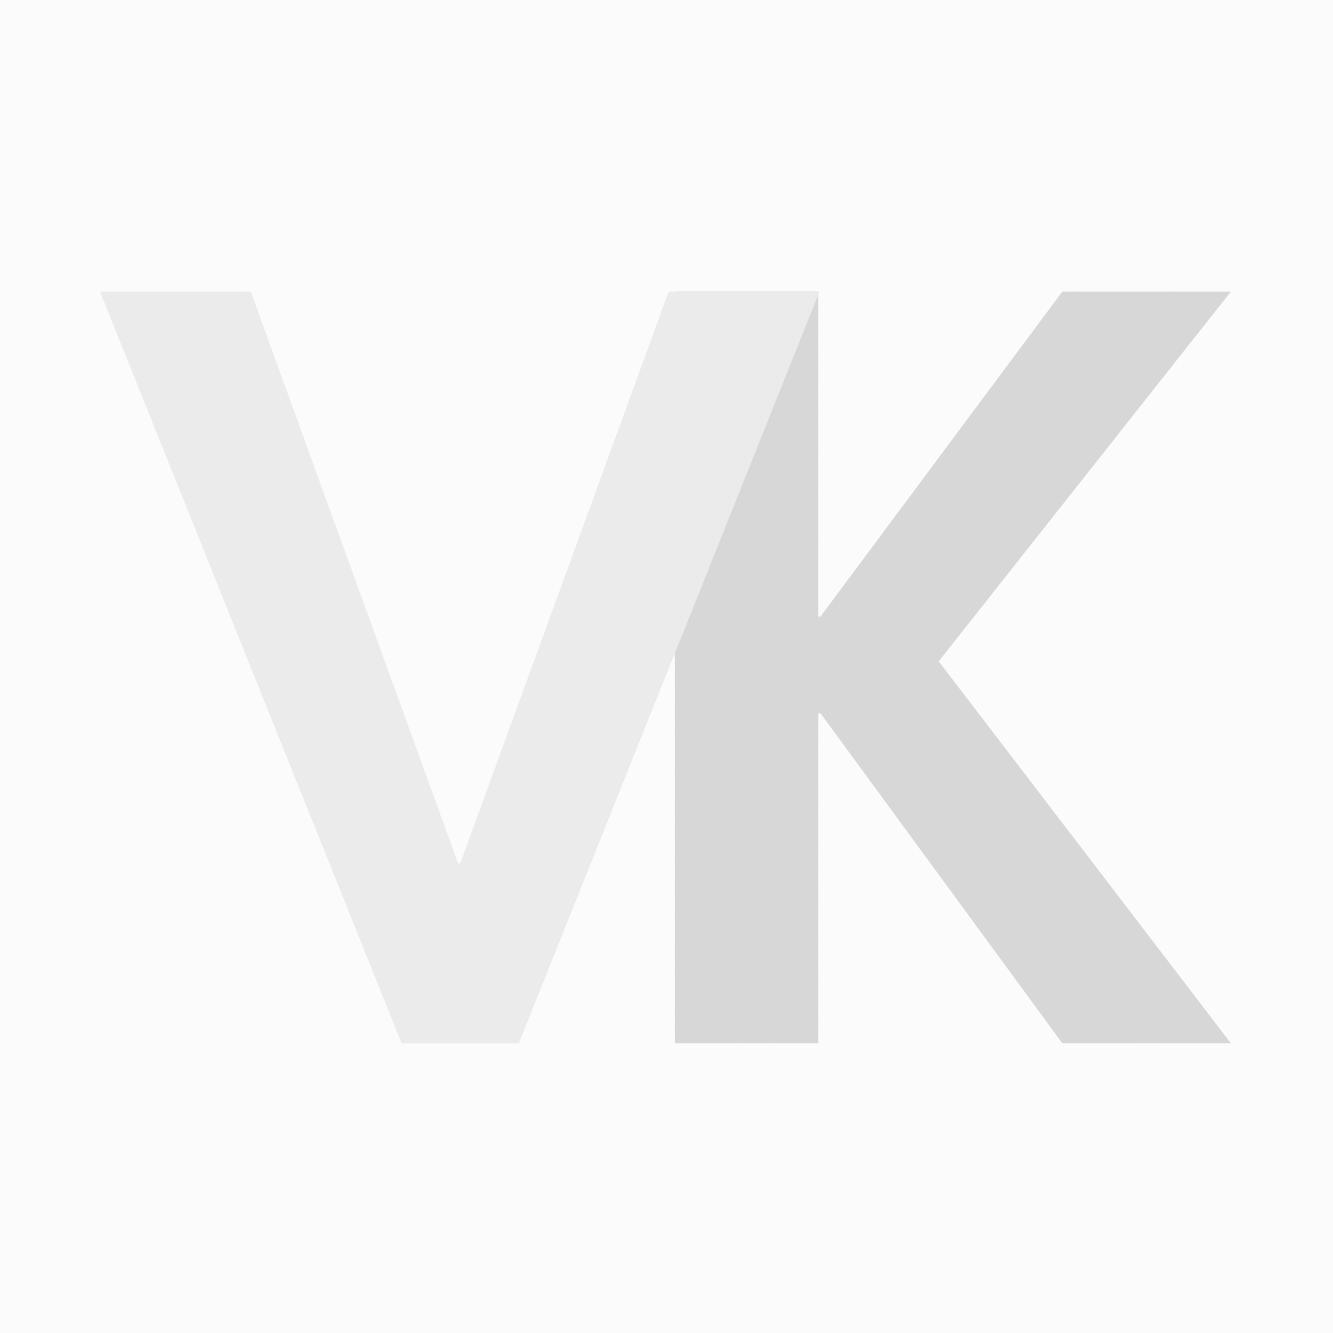 Kyone 880 Slim Kappersschaar 6.0